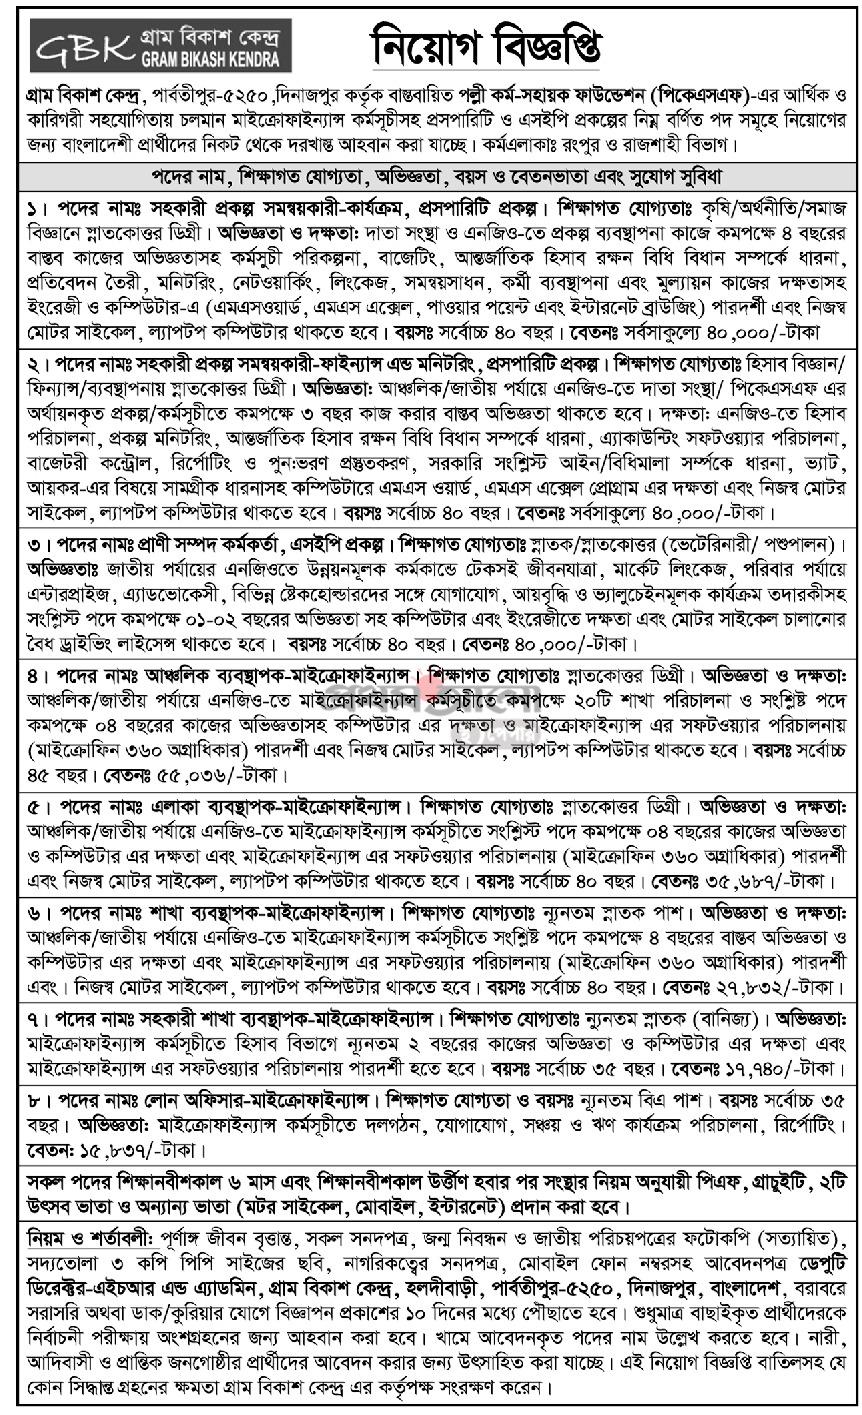 গ্রাম বিকাশ কেন্দ্র নিয়োগ বিজ্ঞপ্তি 2021 - ngo job news 2021